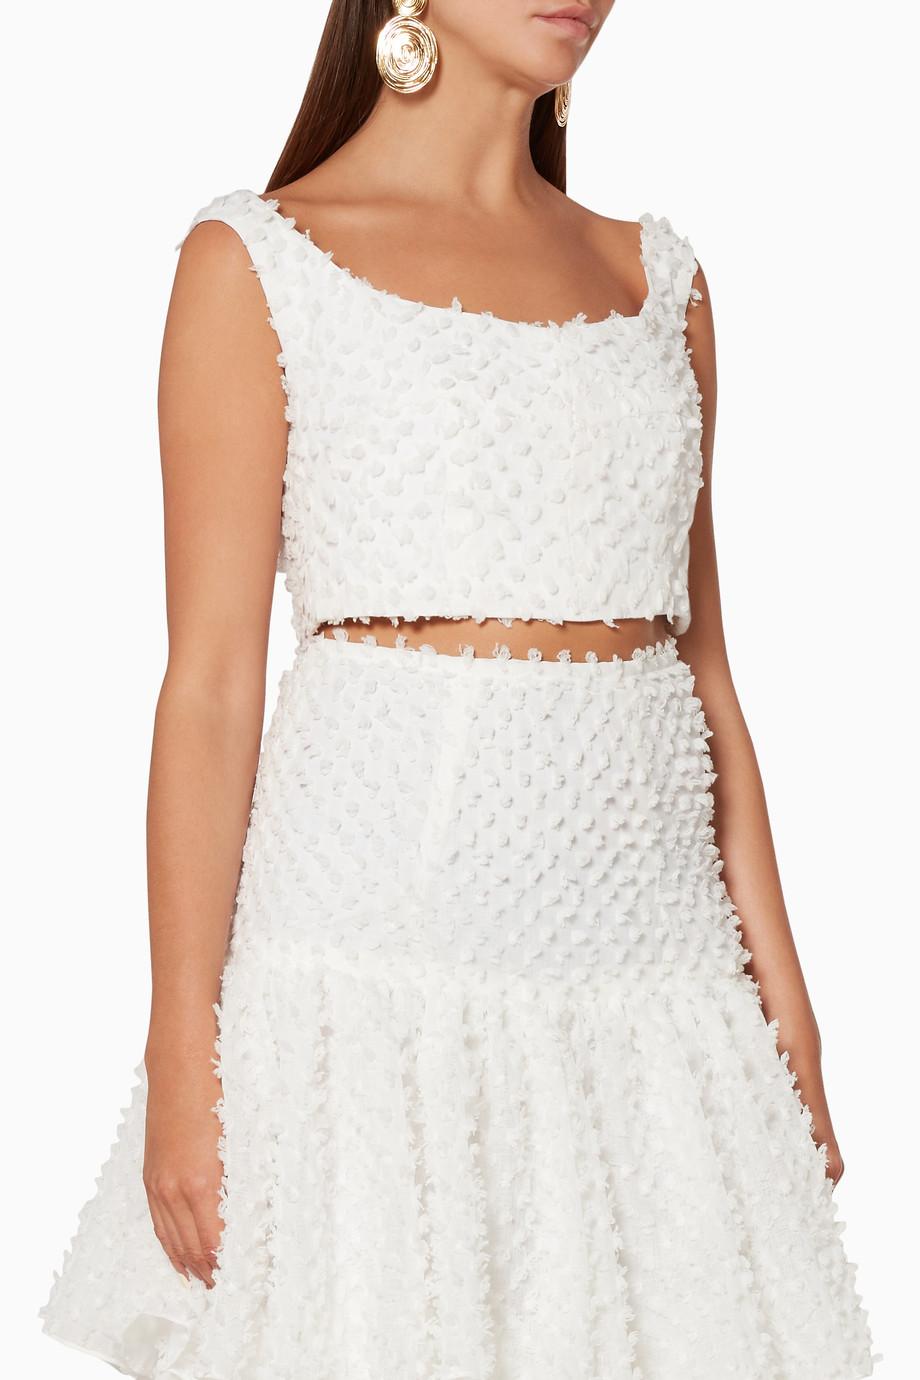 11e37f0c981 Shop Bambah Boutique White White Fuzzy Crop Top for Women | Ounass ...